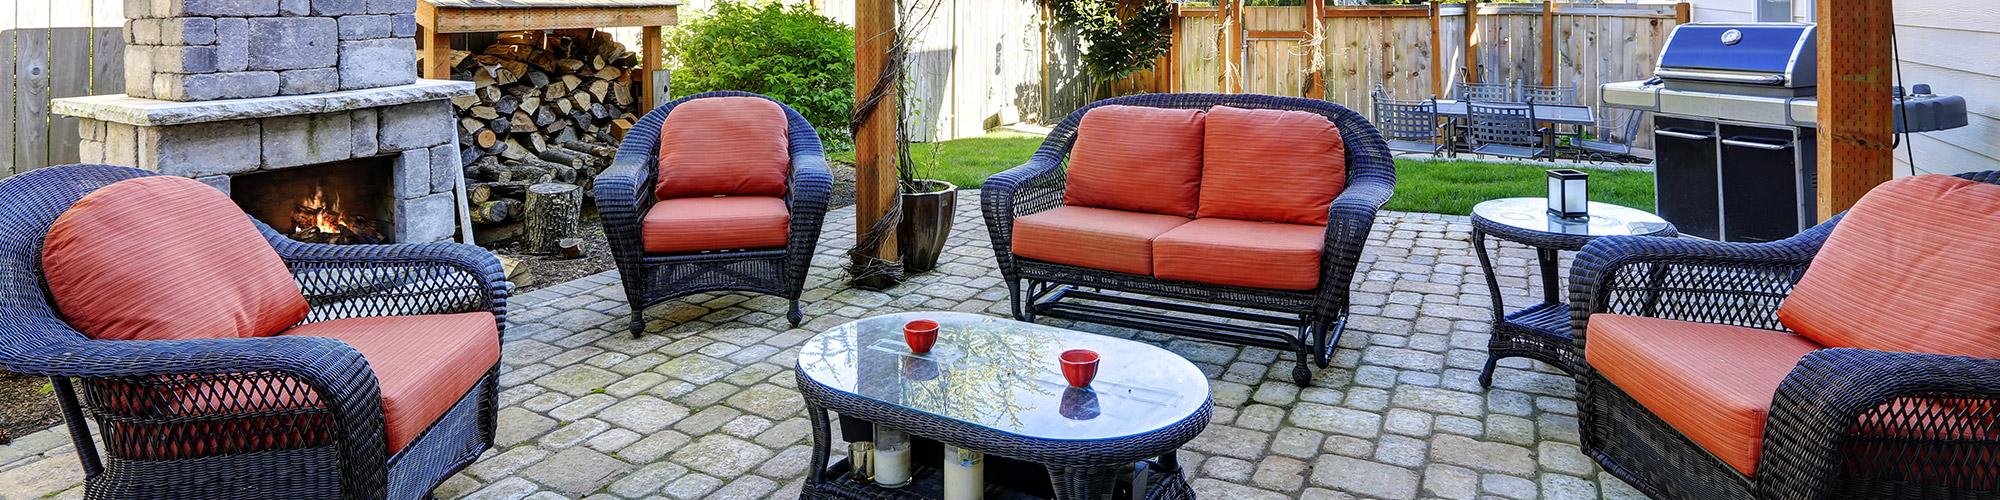 Superbe Furniture Repair, Upholster Furniture, Home Furniture Repair | Rochester, NY